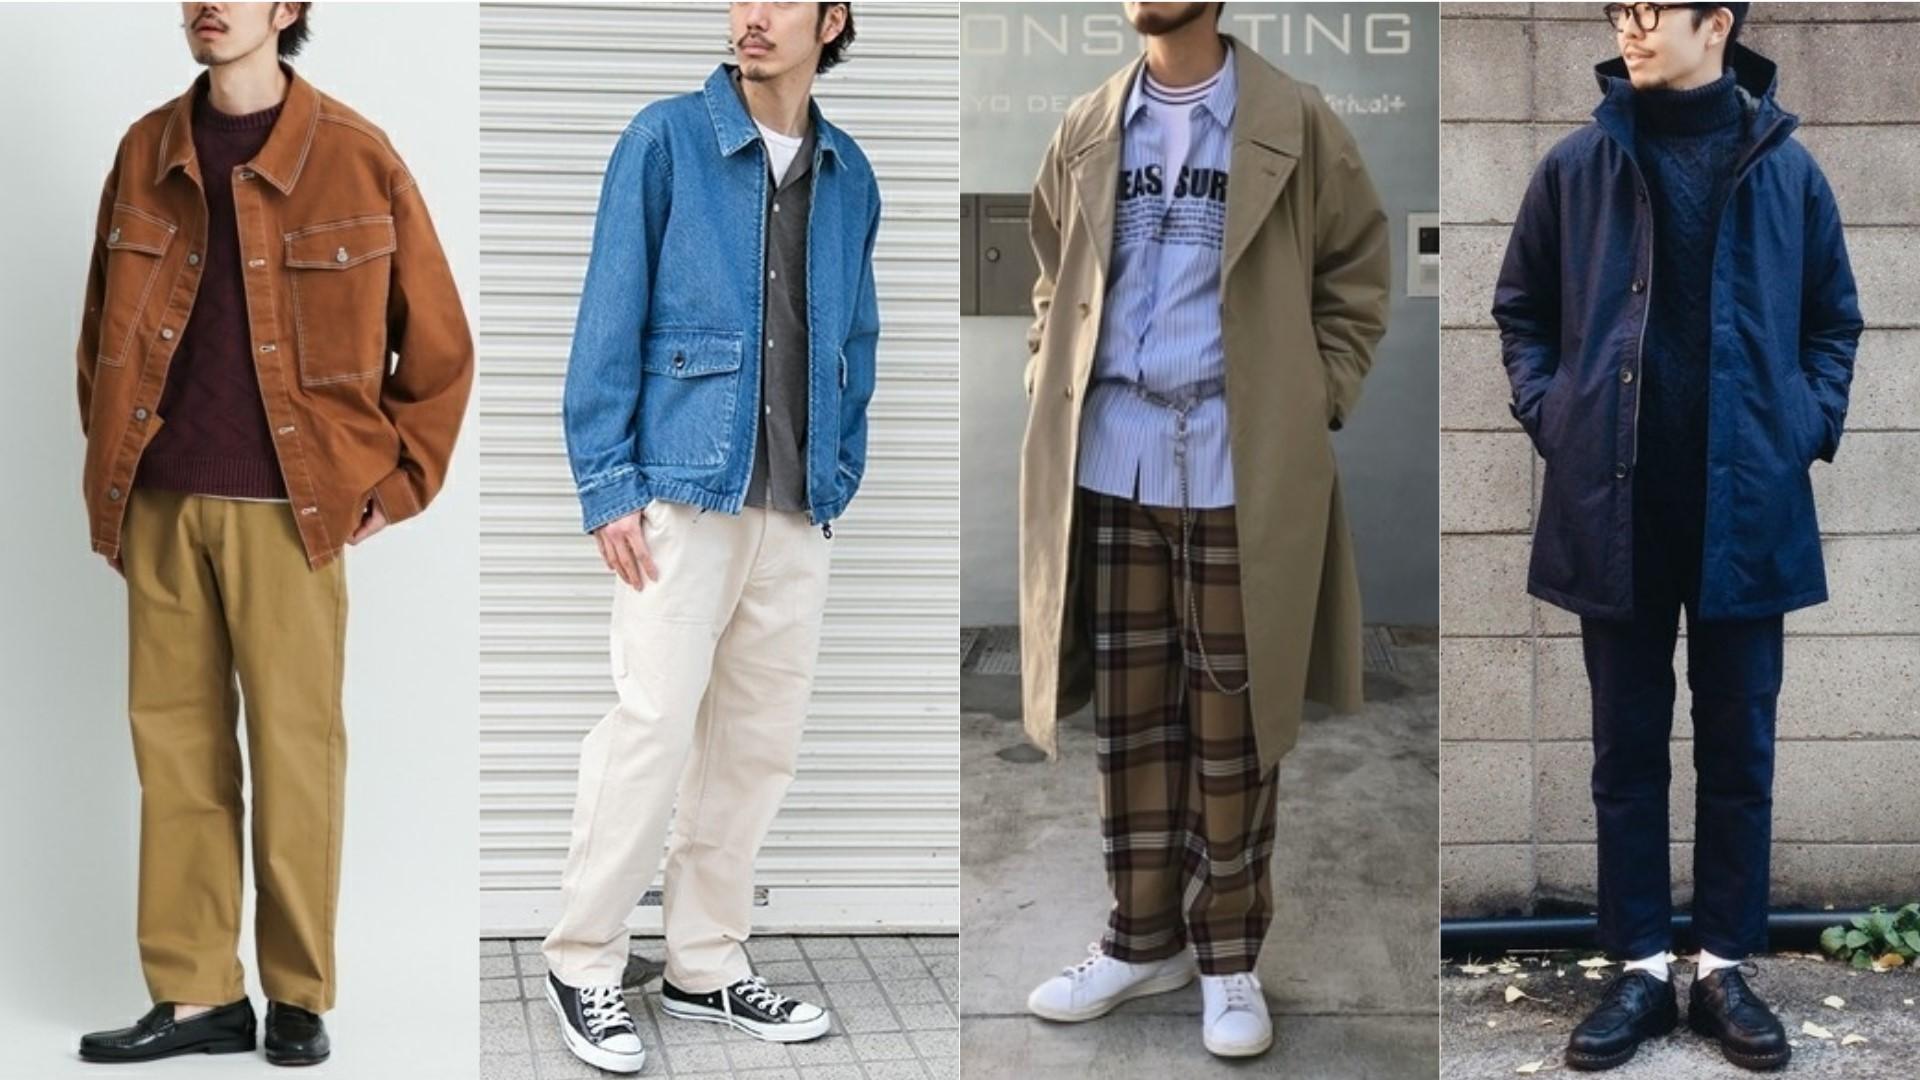 搭配沒靈感?快追蹤這三位日本明星店員讓你的每日穿搭順利完成